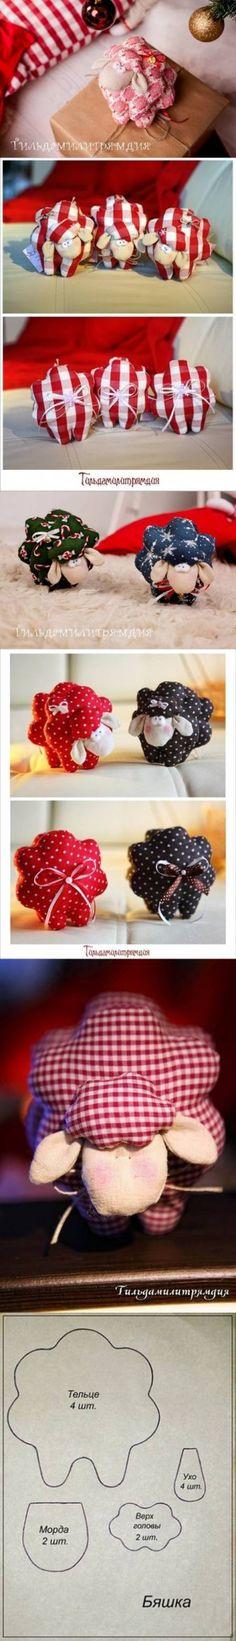 DIY Cute Fabric Lamb DIY Projects